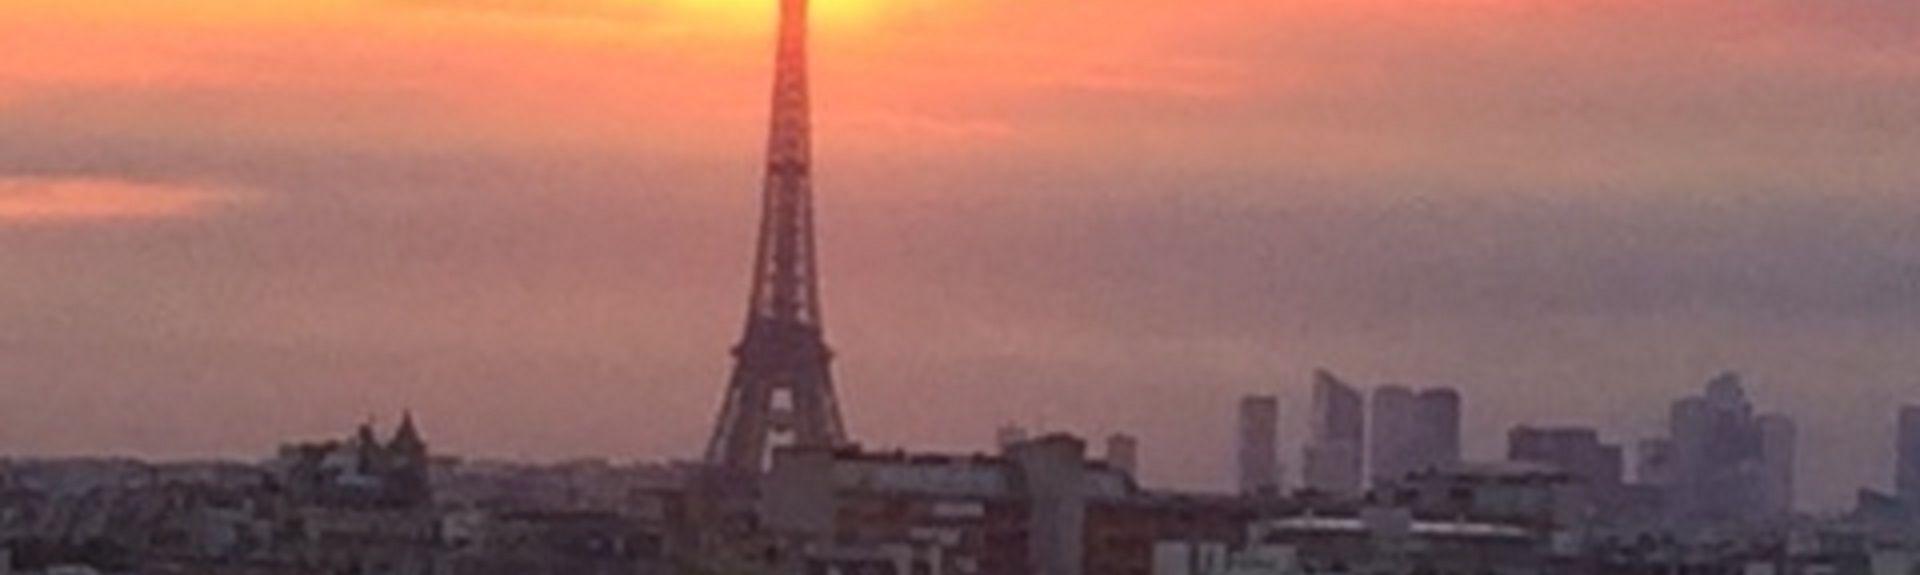 Καρτιέ ντι Πετί-Μονρούζ, Παρίσι, Ιλ ντε Φρανς, Γαλλία